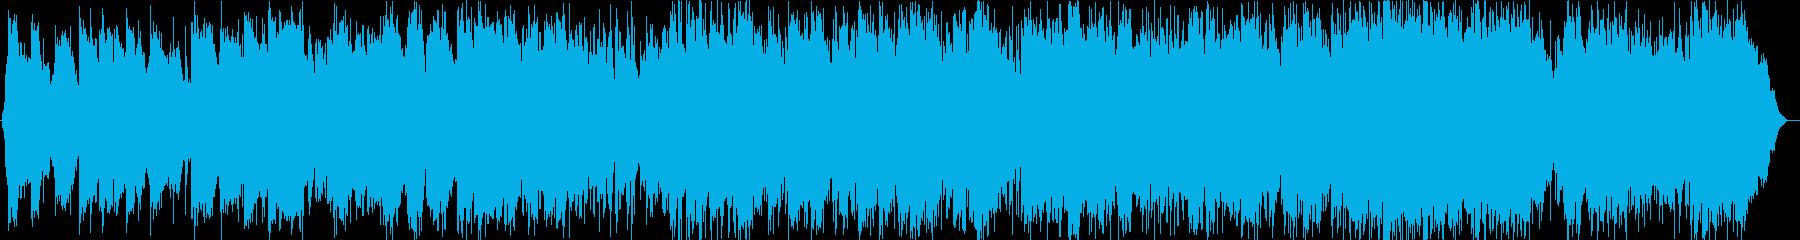 風のような竹笛の音楽の再生済みの波形